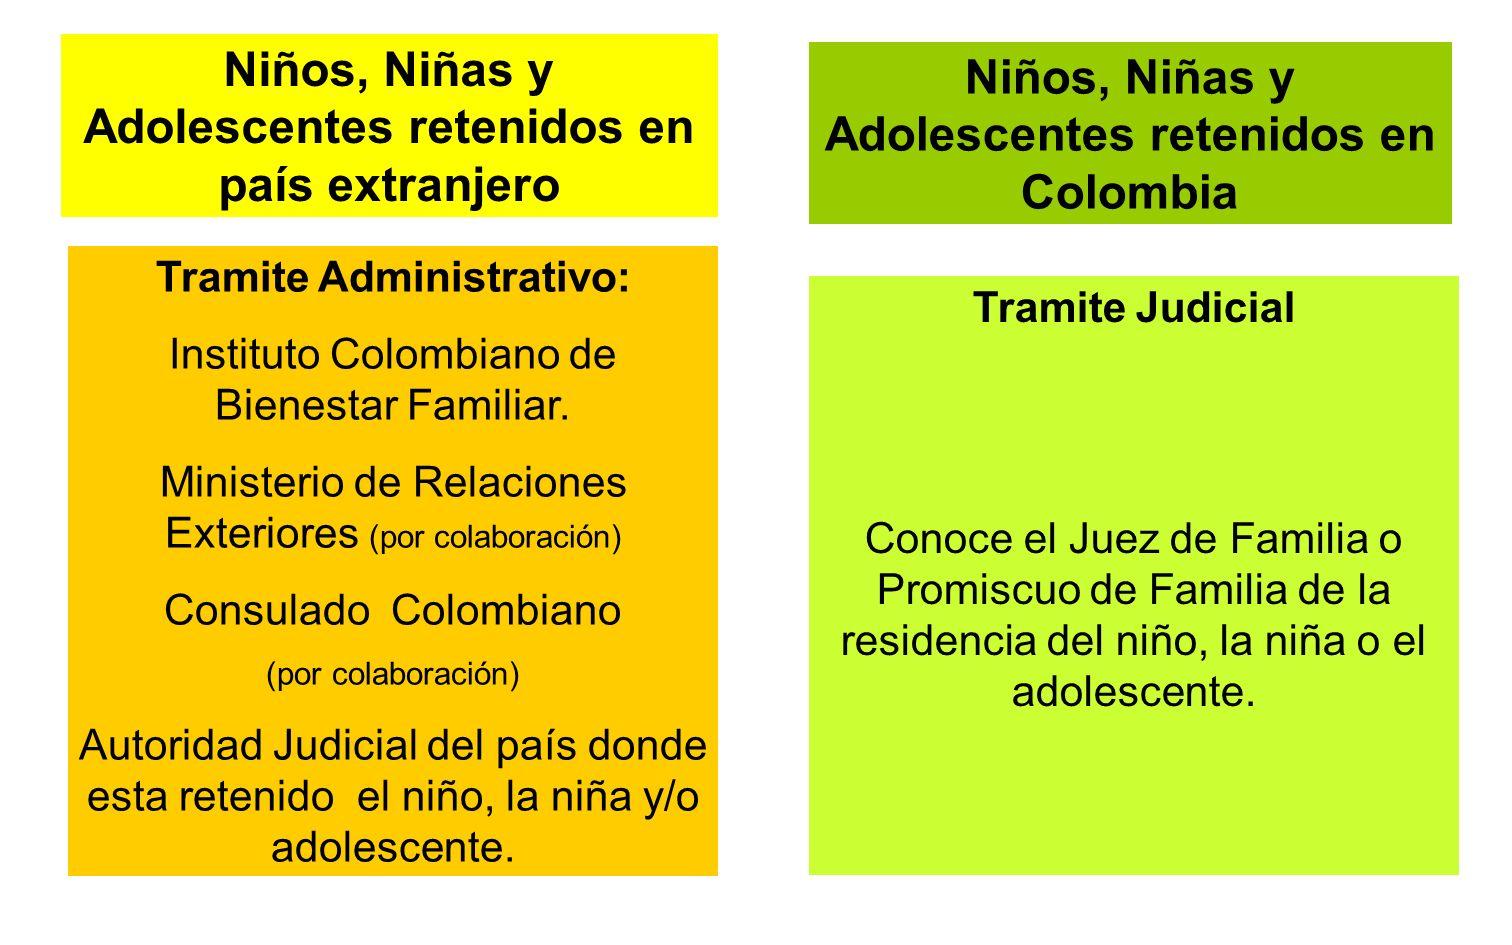 Tramite Administrativo: Instituto Colombiano de Bienestar Familiar.